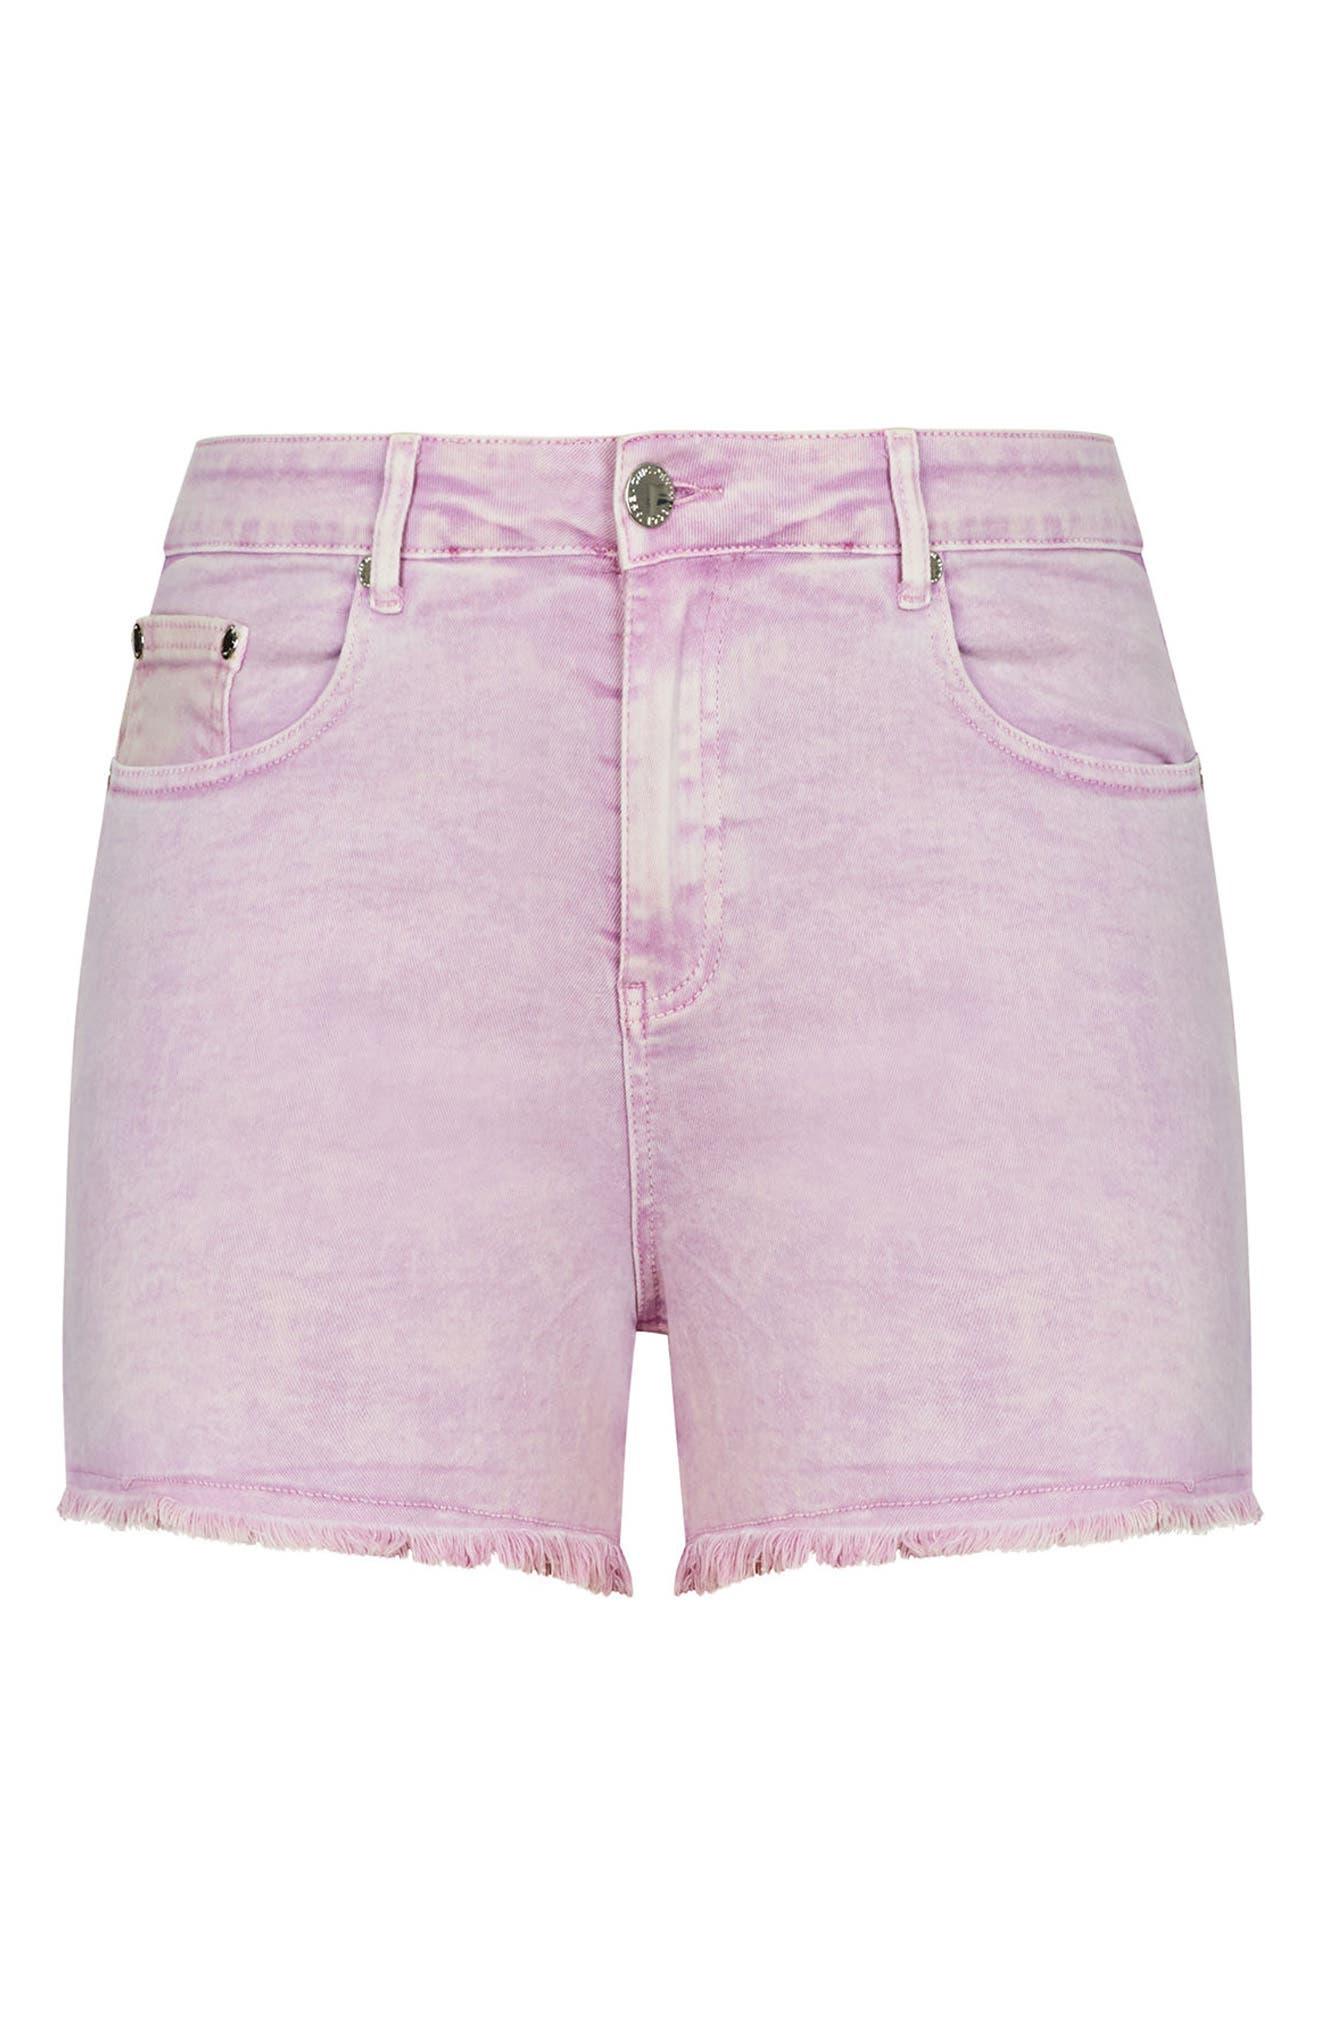 Fray Hem Denim Shorts,                             Alternate thumbnail 4, color,                             Lilac